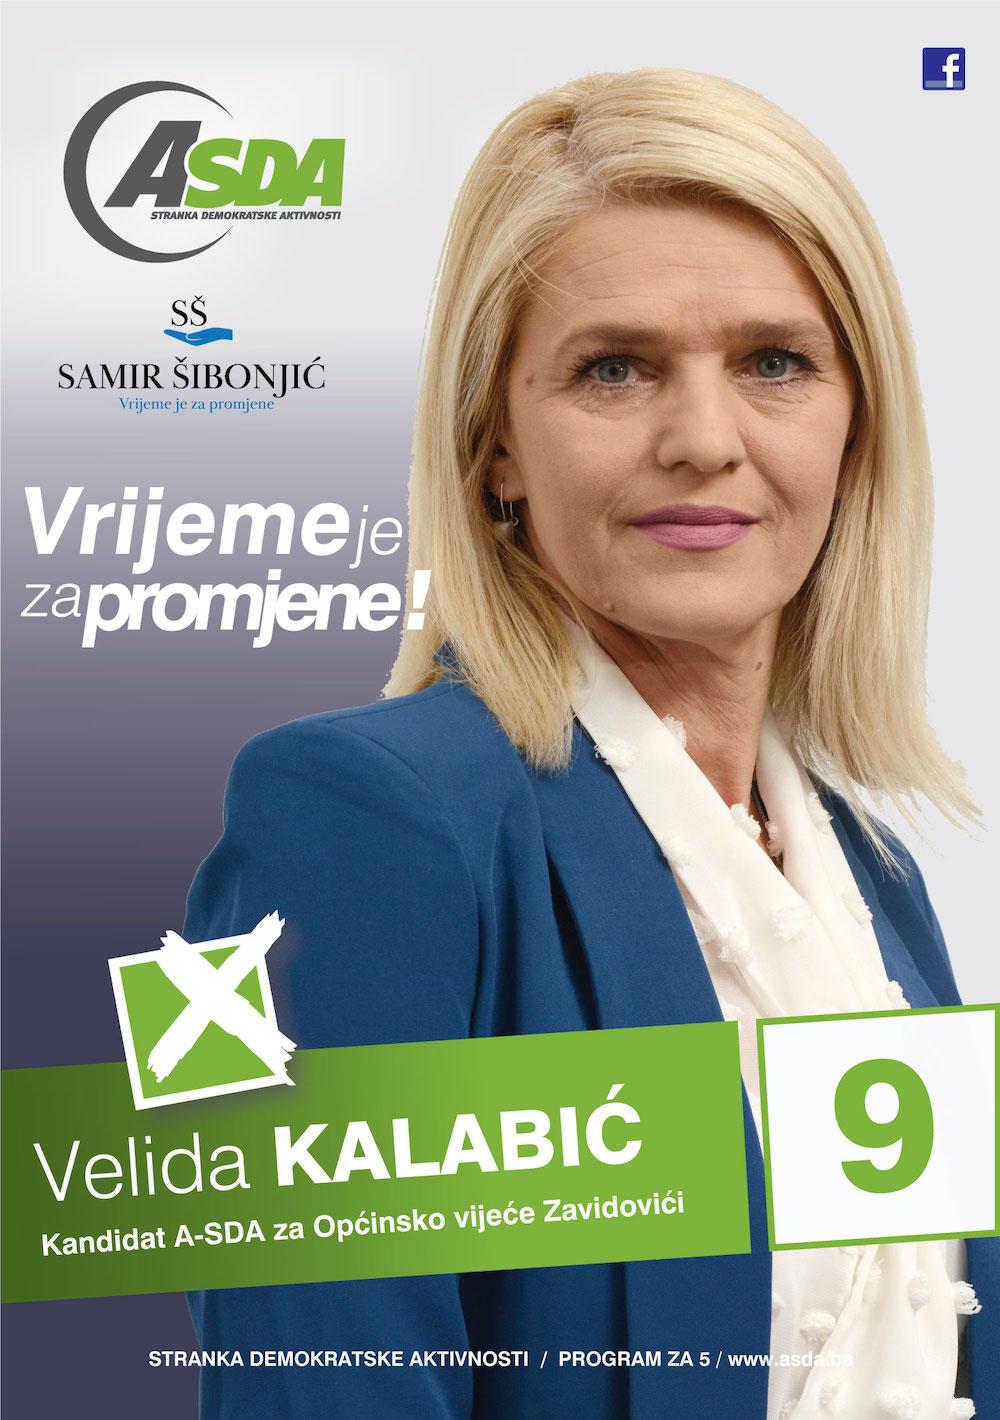 Velida Kalabić